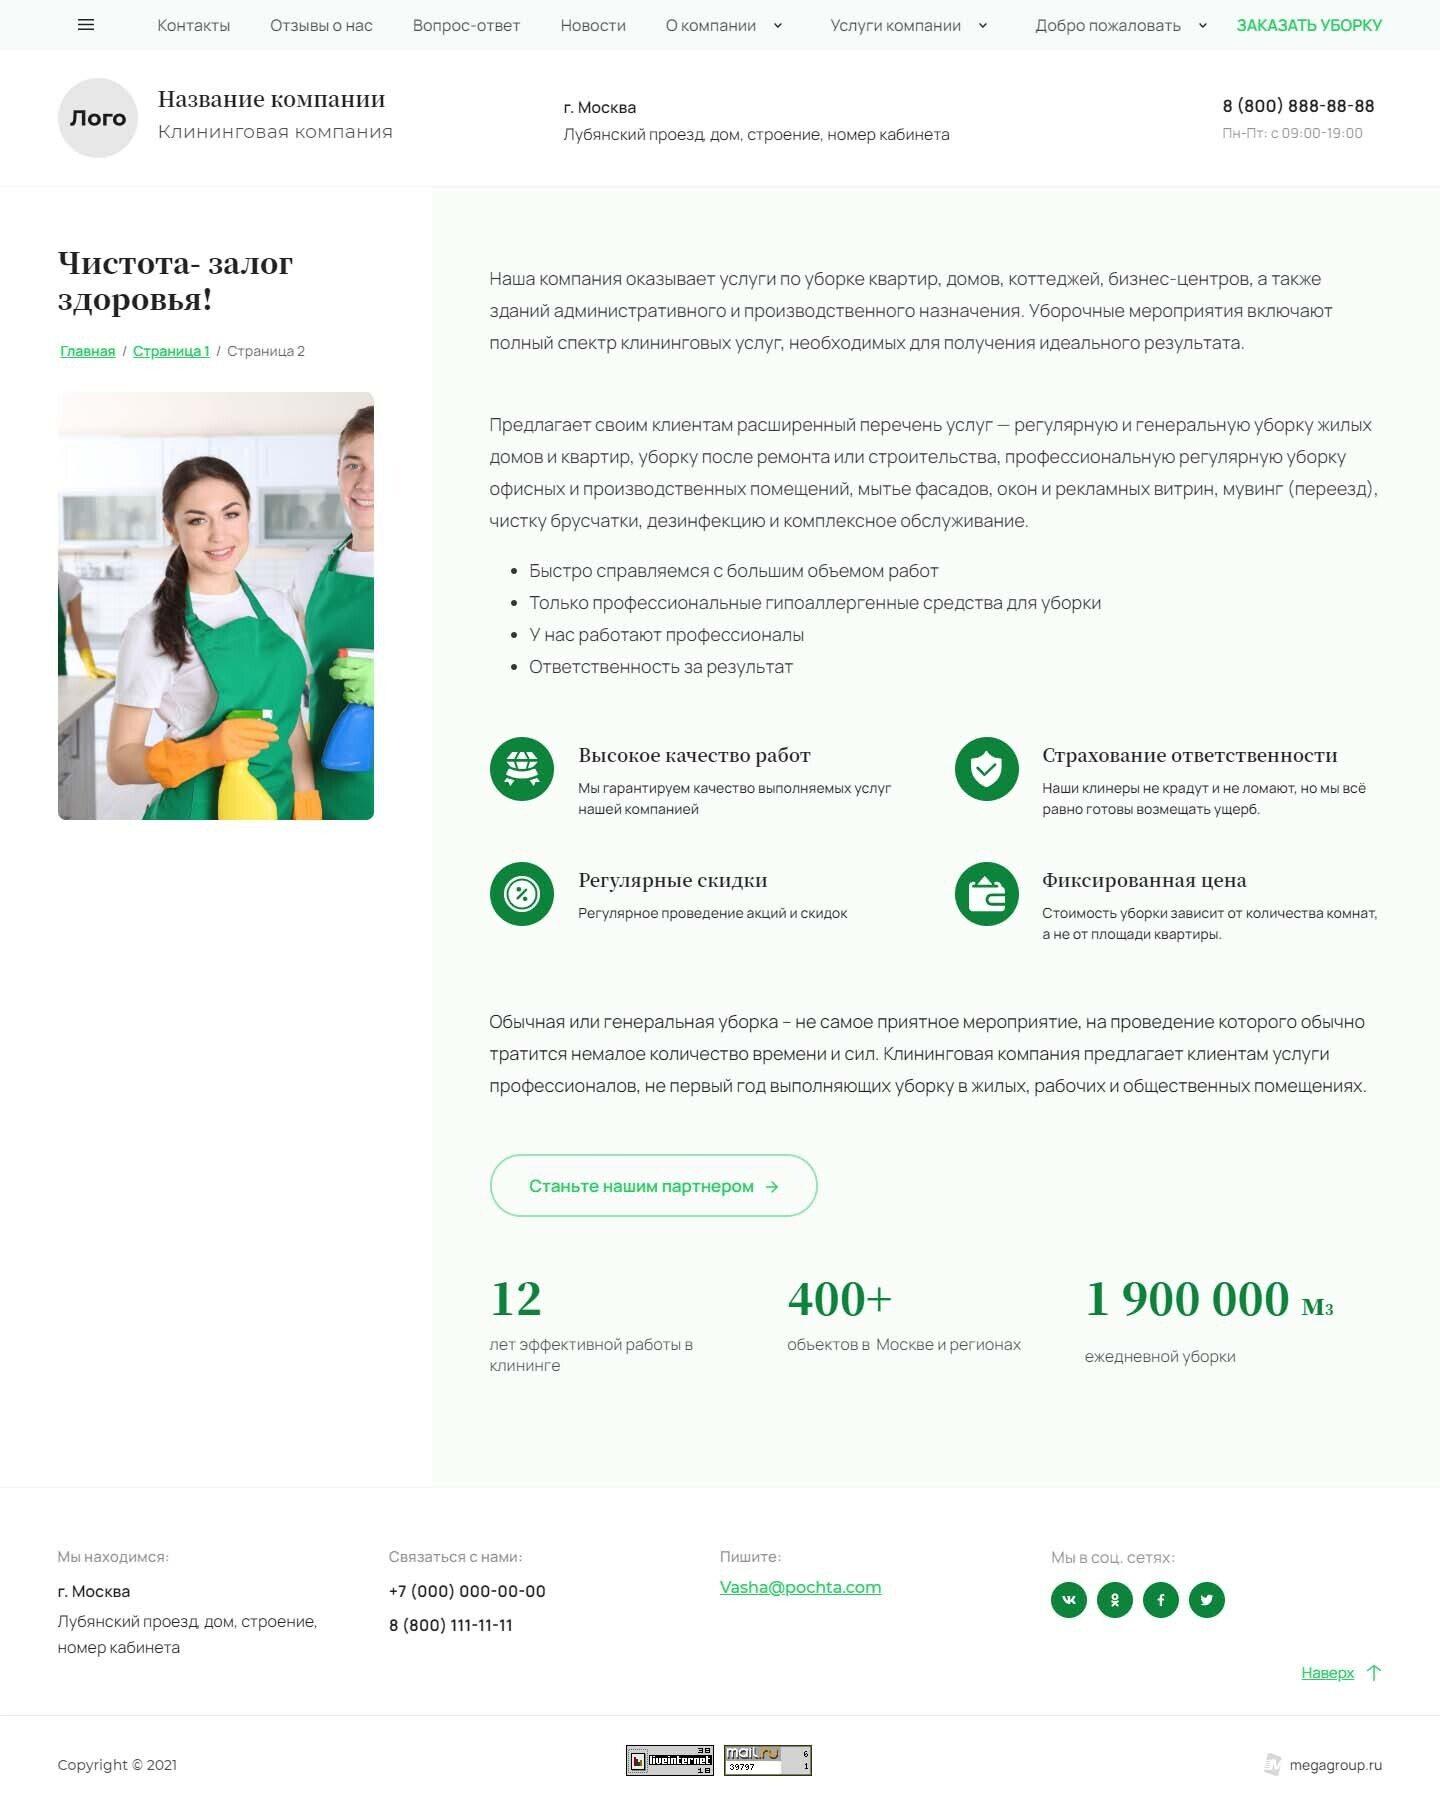 Готовый Сайт-Бизнес #2785766 - Клининговые услуги (О компании)